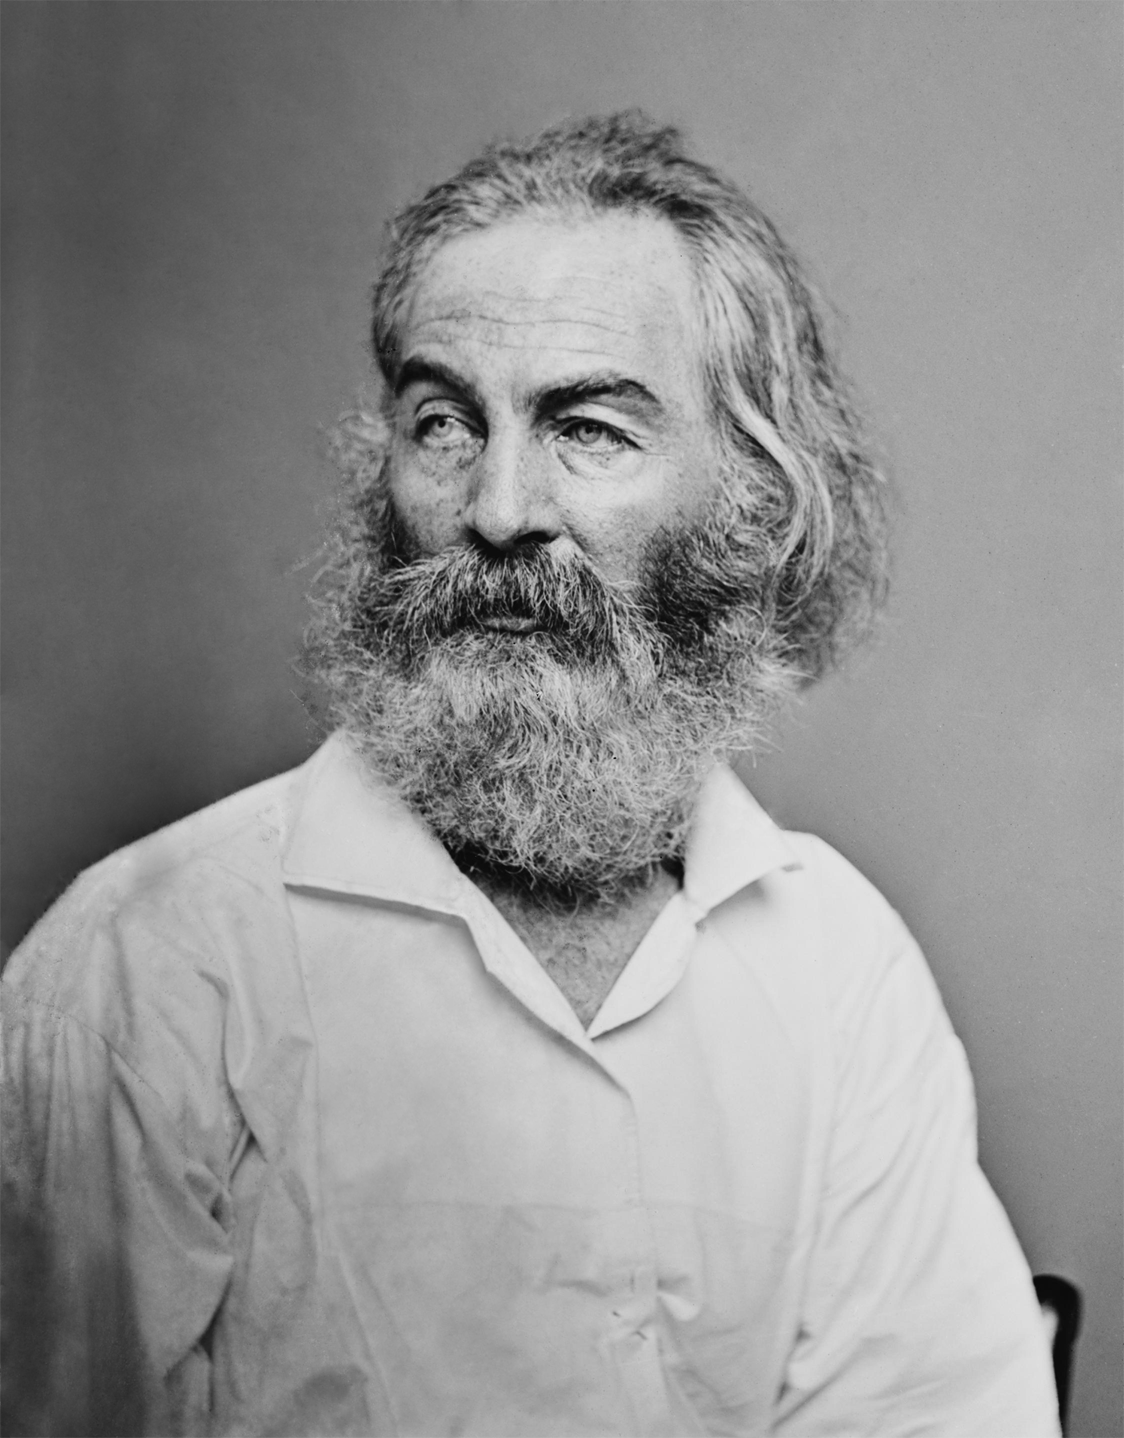 Walt Whitman as photographed by Mathew Brady.